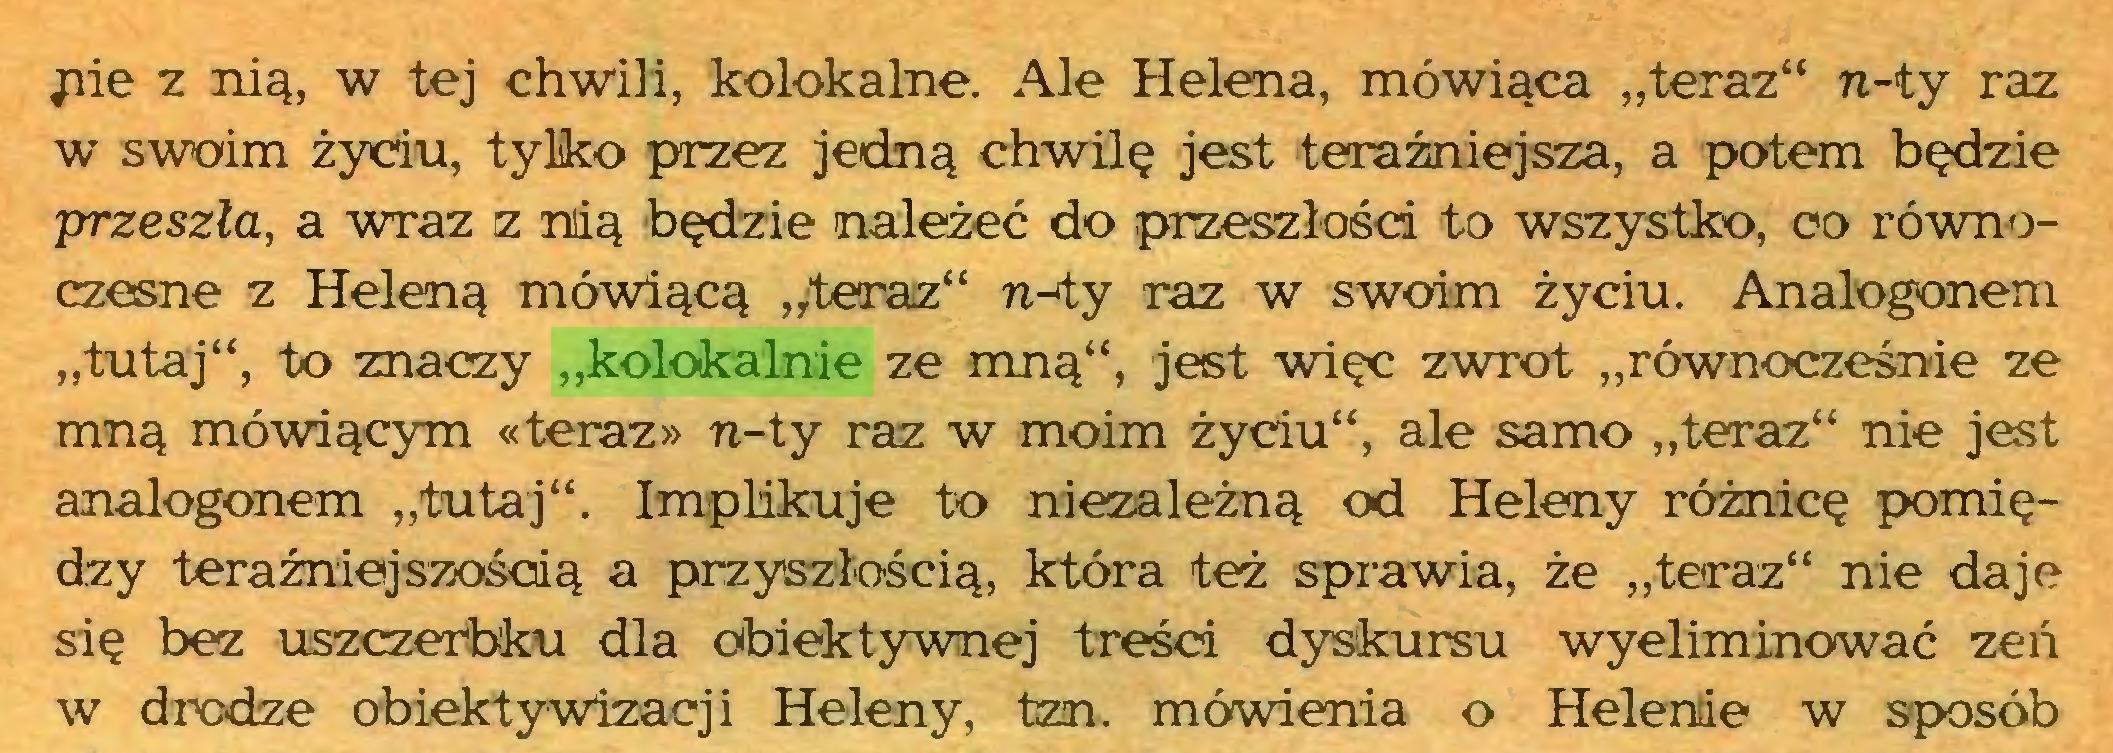 """(...) pie z nią, w tej chwili, kolokalne. Ale Helena, mówiąca """"teraz"""" n-ty raz w swoim życiu, tylko przez jedną chwilę jest teraźniejsza, a potem będzie przeszła, a wraz z niią będzie należeć do przeszłości to wszystko, co równoczesne z Heleną mówiącą """"teraz"""" n-ty raz w swoim życiu. Analogonem """"tutaj"""", to znaczy """"kolokalnie ze mną"""", jest więc zwrot """"równocześnie ze mną mówiącym «teraz» n-ty raz w moim życiu"""", ale samo """"teraz"""" nie jest analogonem """"tutaj"""". Implikuje to niezależną od Heleny różnicę pomiędzy teraźniejszością a przyszłością, która też sprawia, że """"teraz"""" nie daje się bez uszczerbku dla obiektywnej treści dyskursu wyeliminować zeń w drodze obiektywizacji Heleny, tzn. mówienia o Helenie w sposób..."""